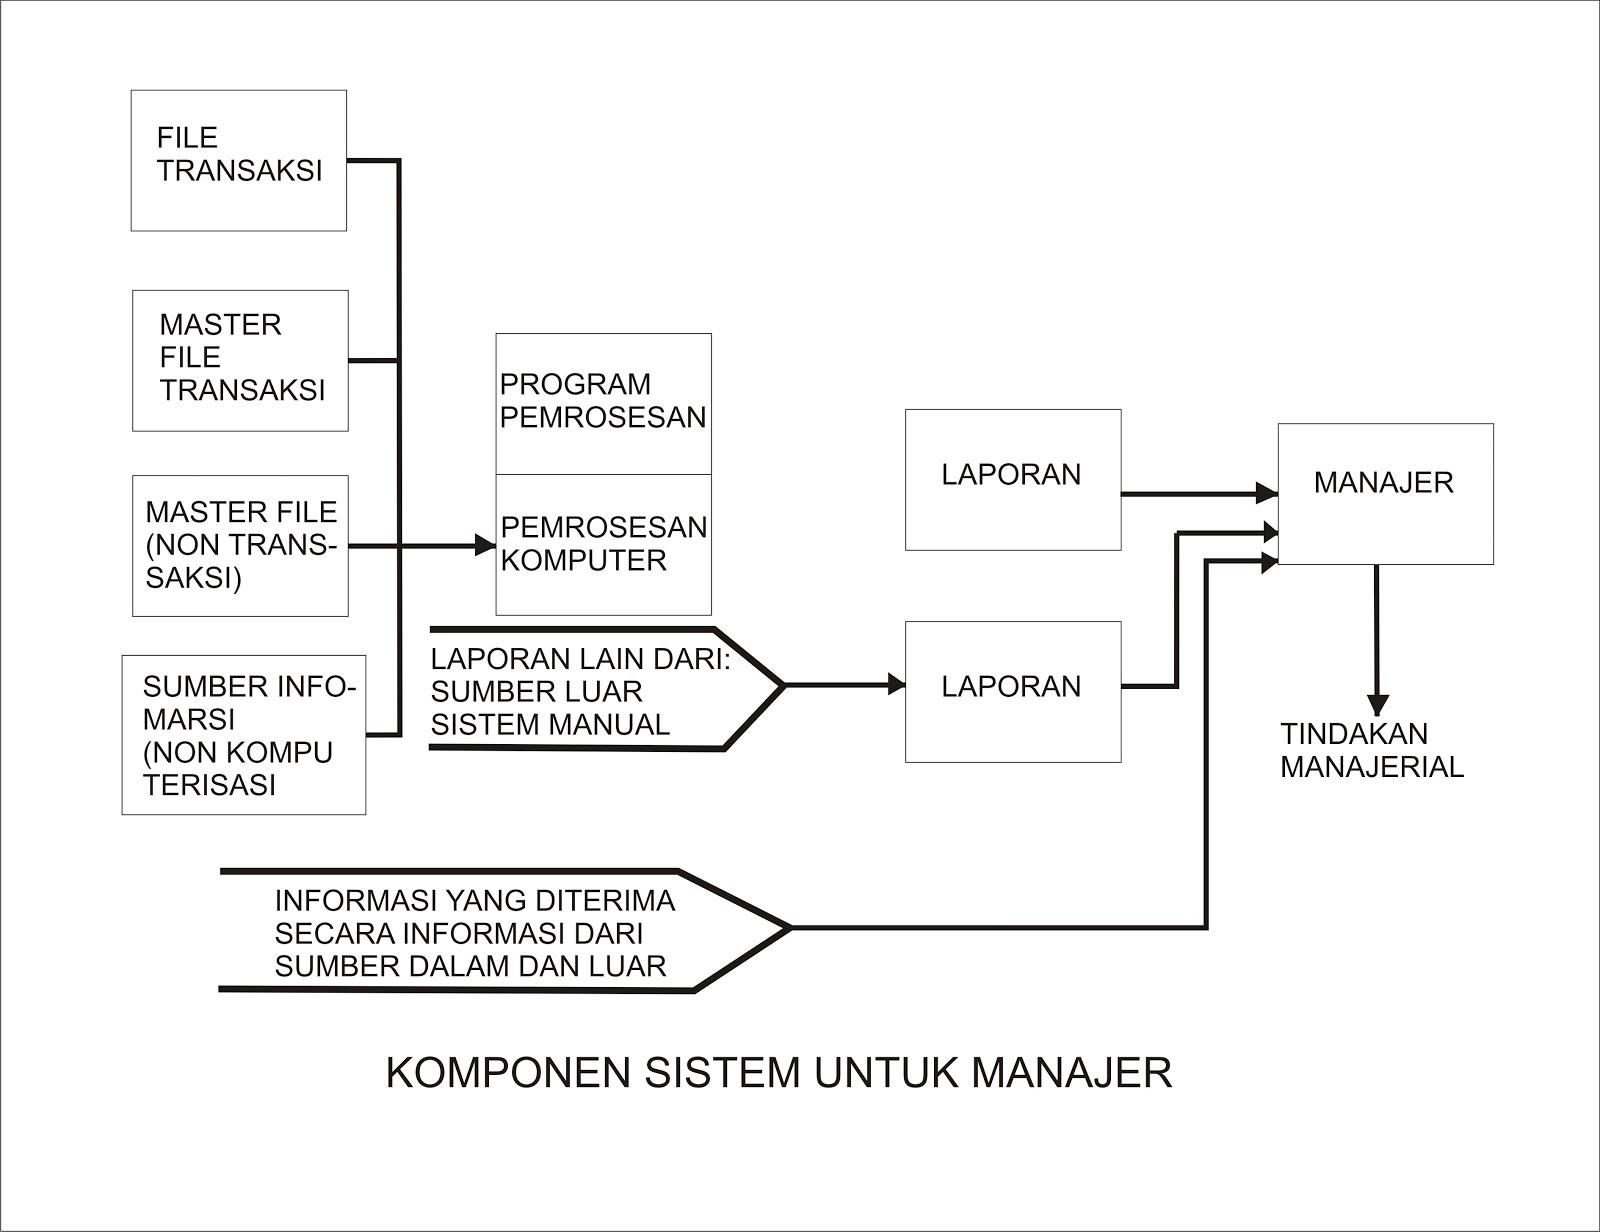 sistem informasi manajemen 5000 contoh judul skripsi teknik informatika, ilmu komputer , sistem informasi manajemen informatikan dengan proposal jaringan komputer sistem informasi web.